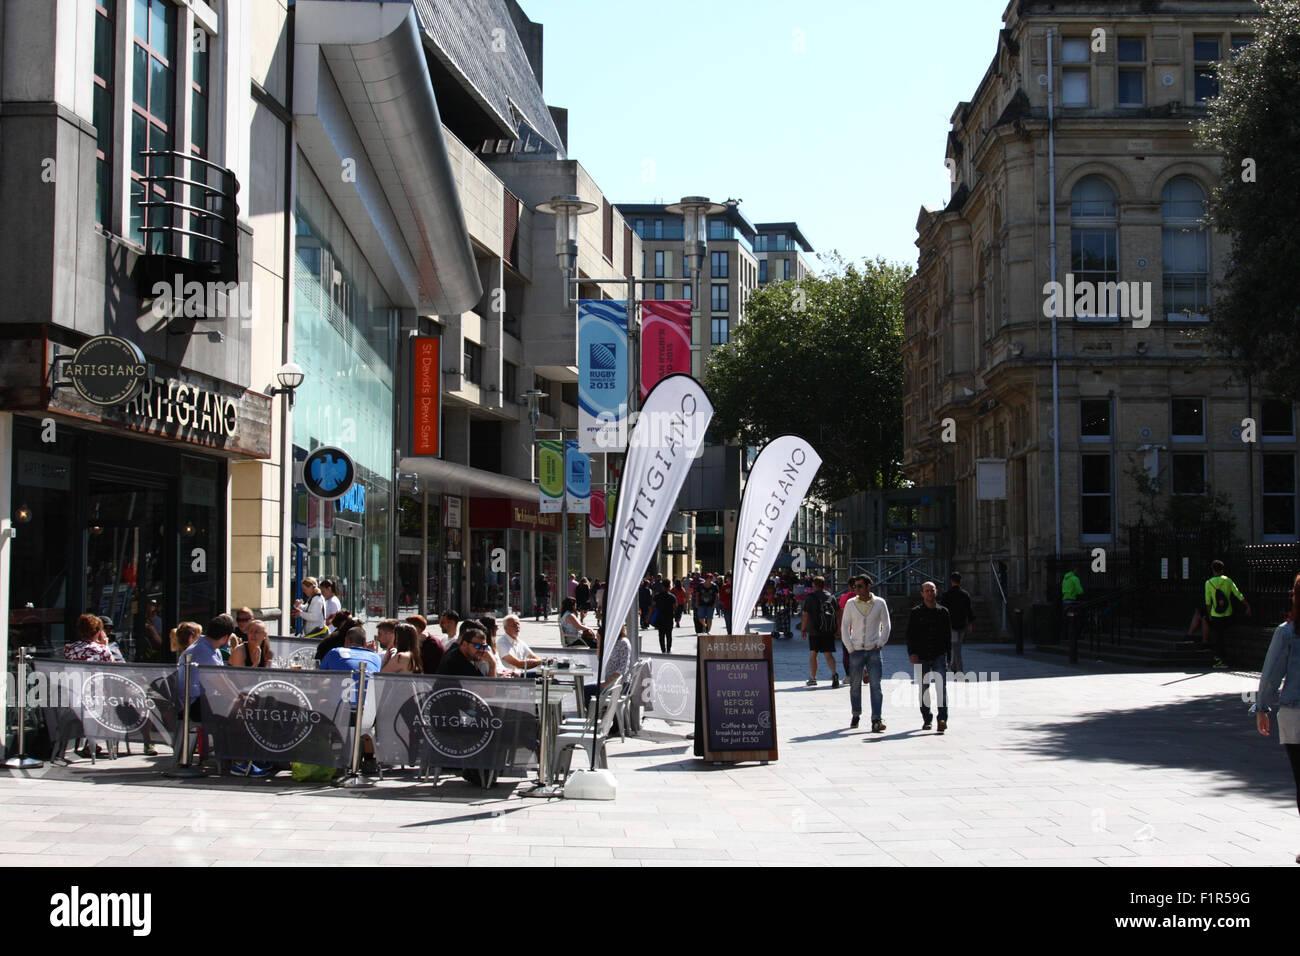 Cardiff, Wales, UK  6th September, 2015  UK Weather: Sunny